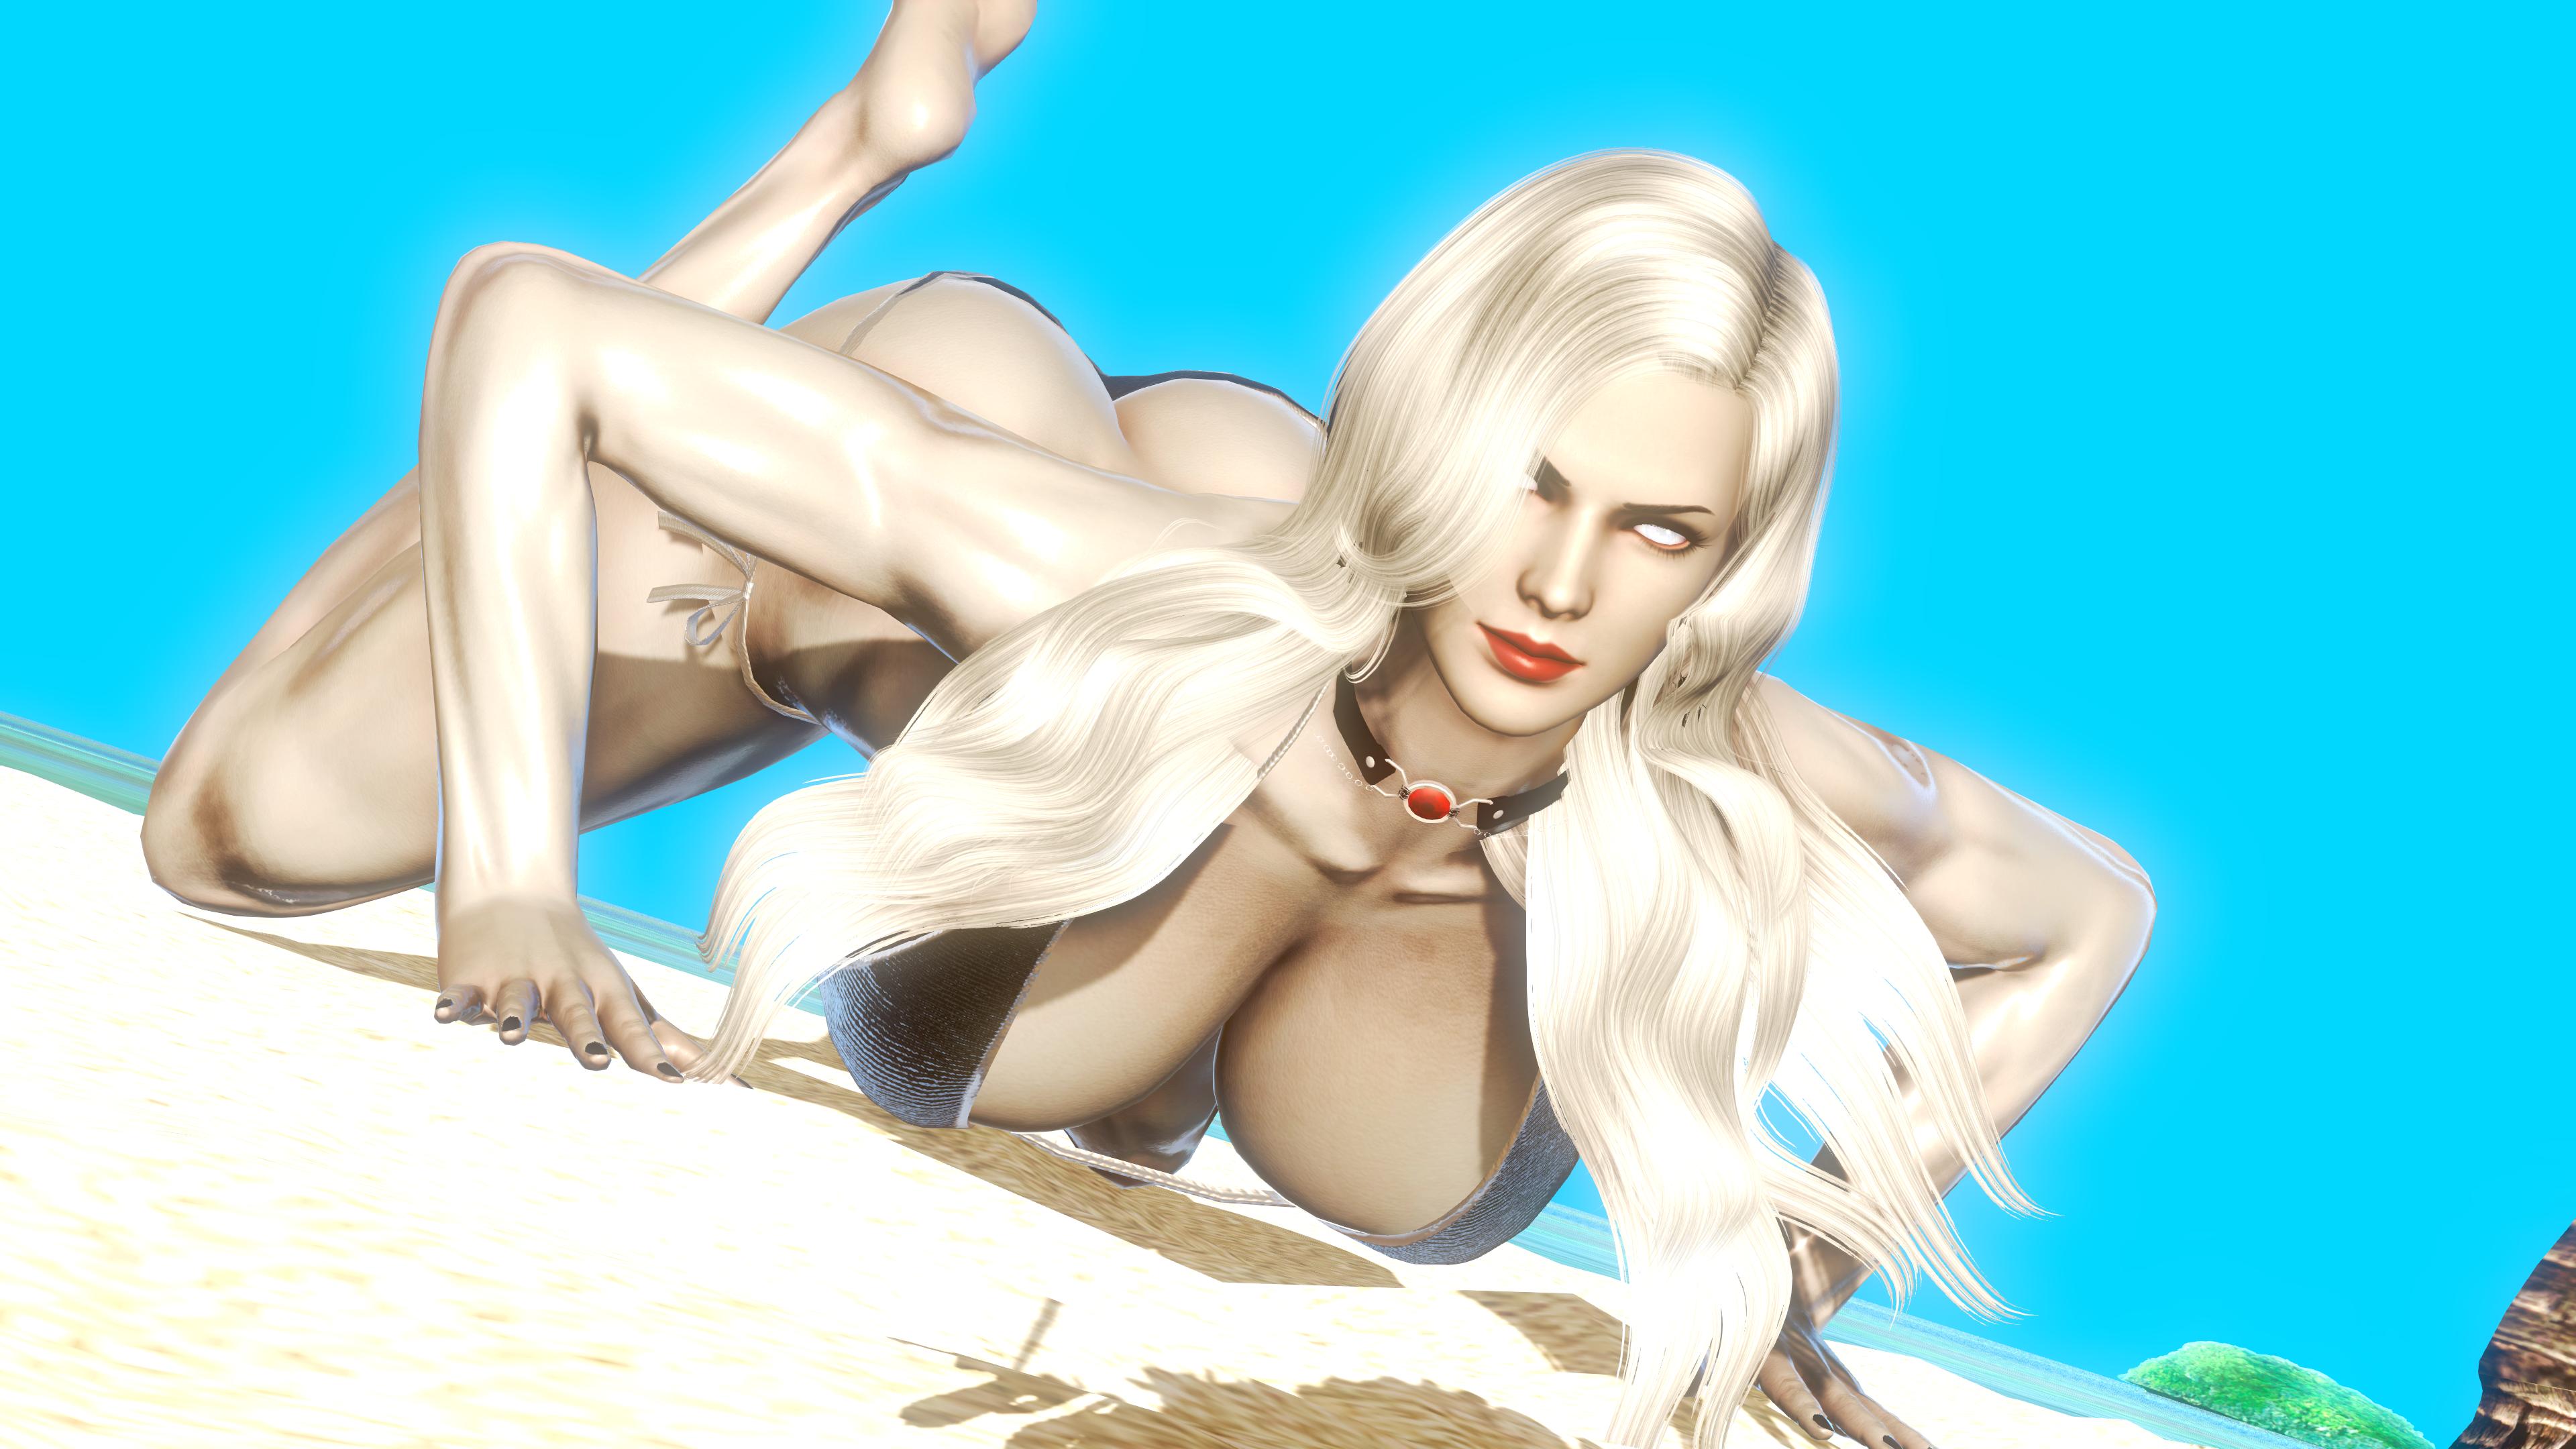 Lady death nude